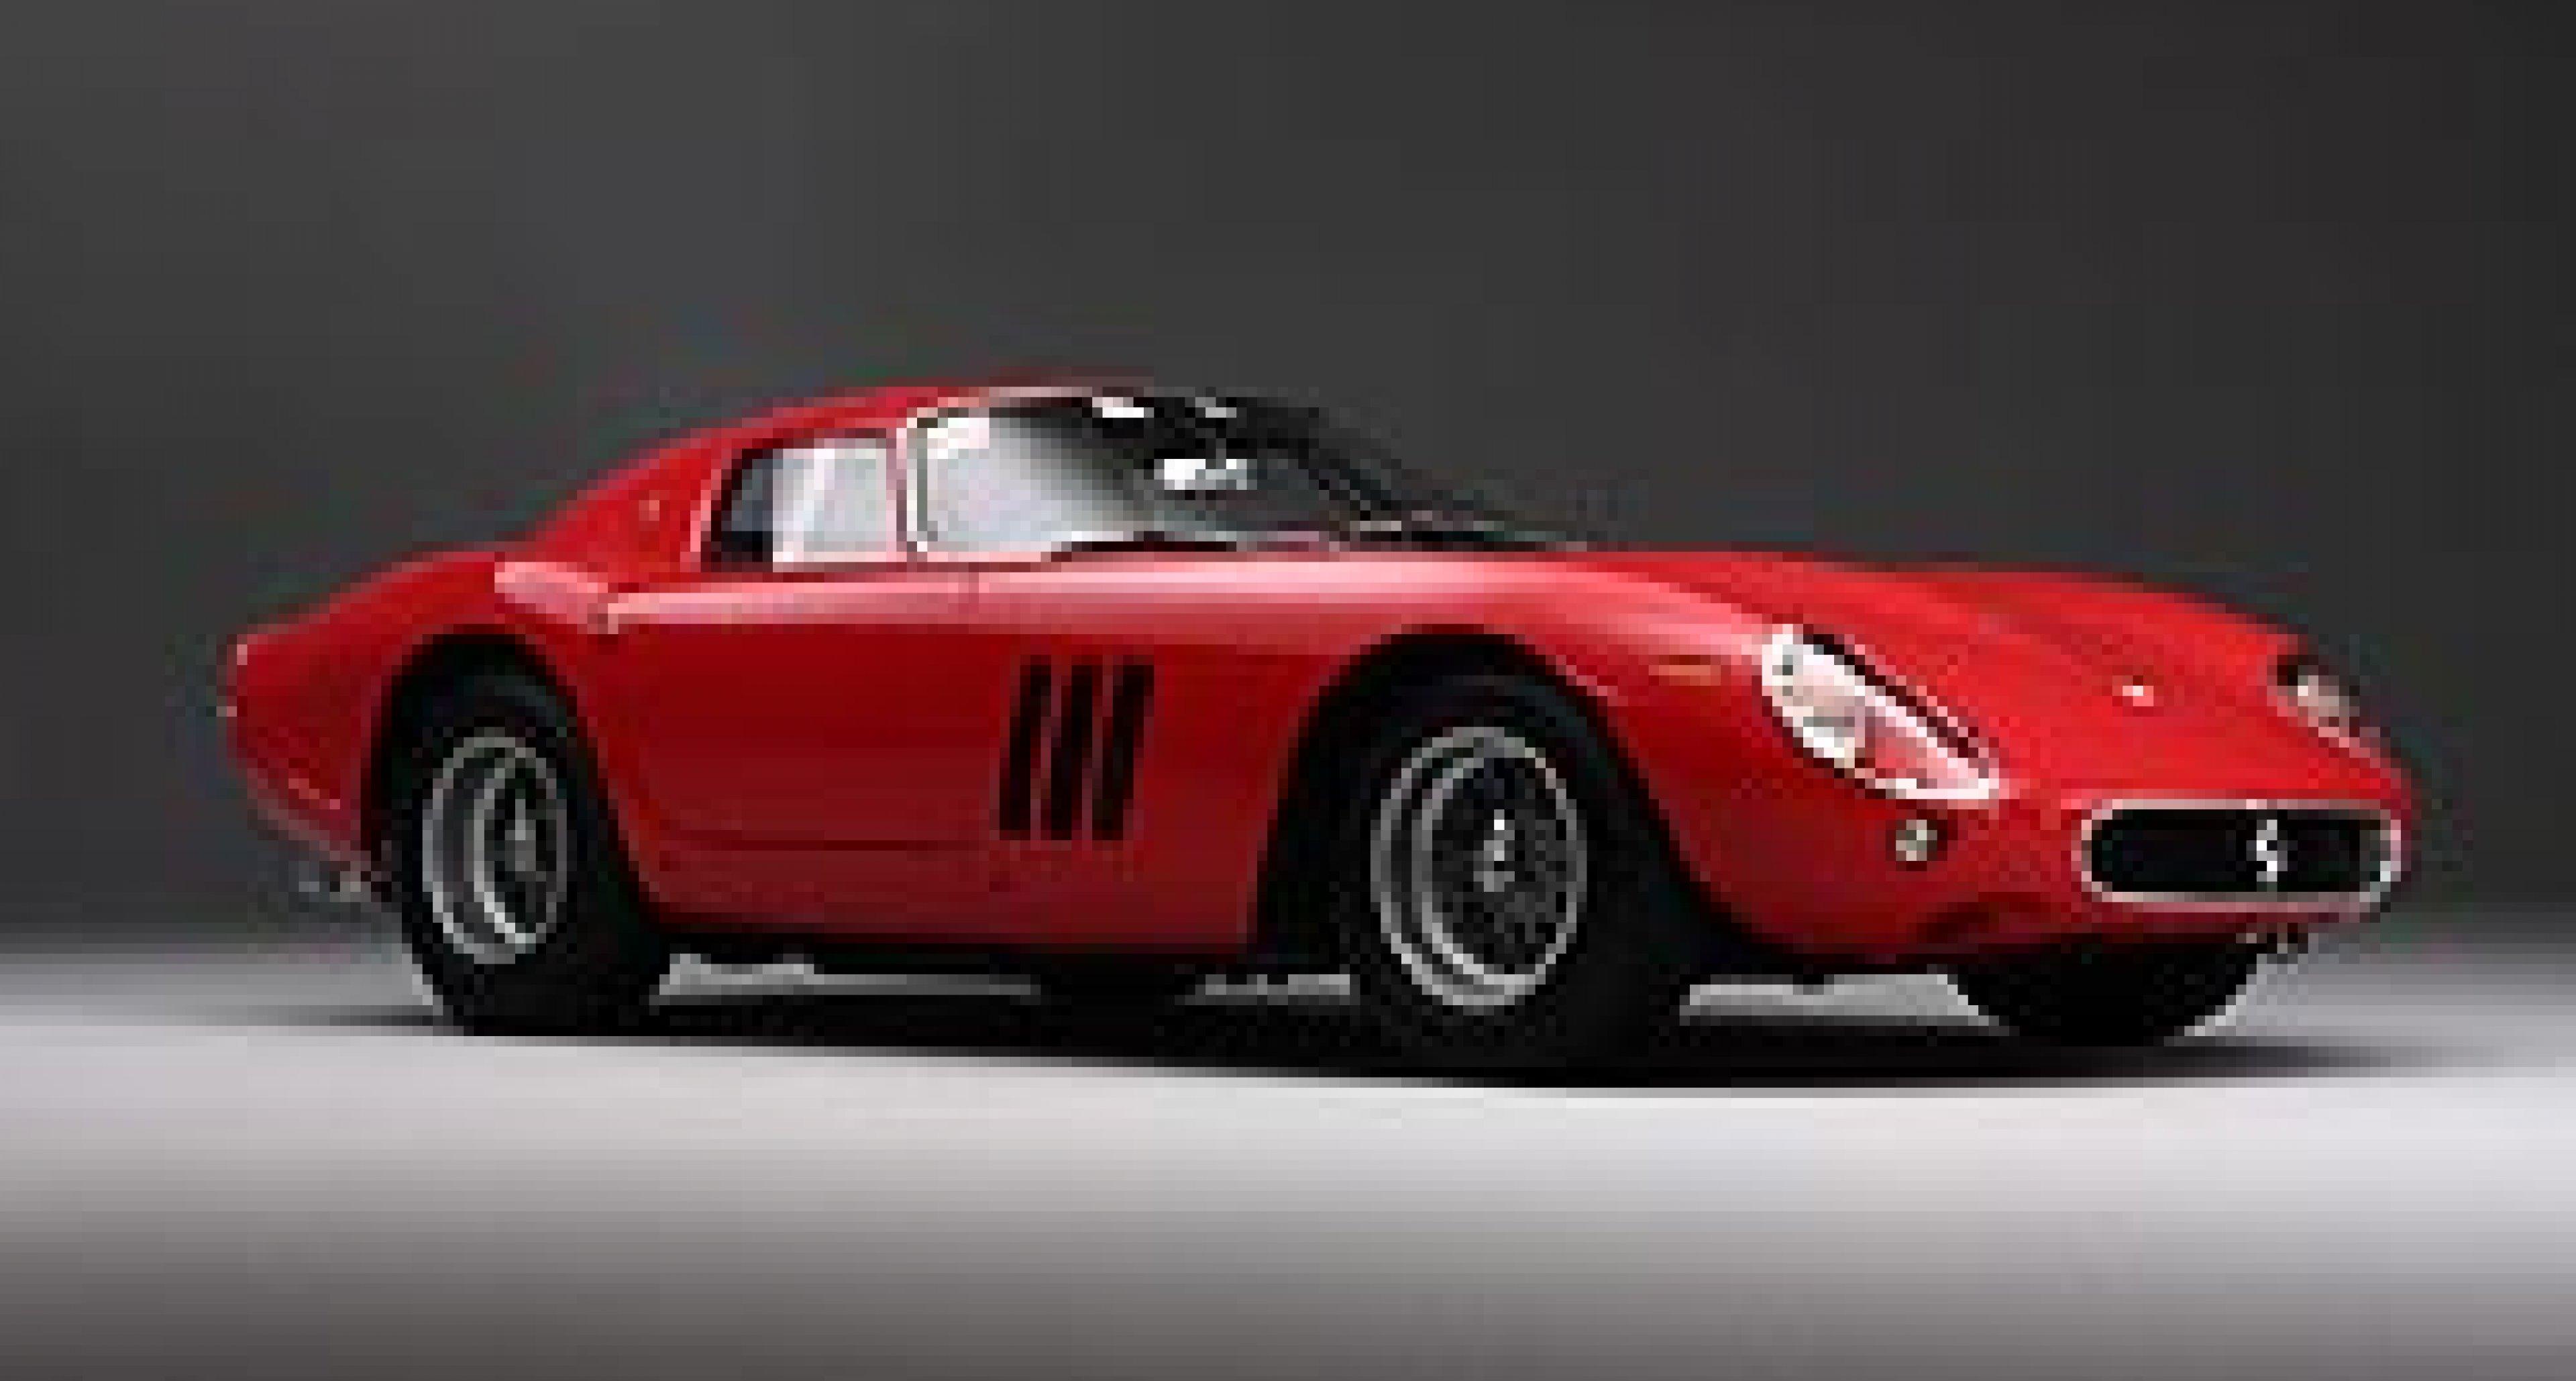 '64-Bodied Ferrari 250 GTO Comes to Market